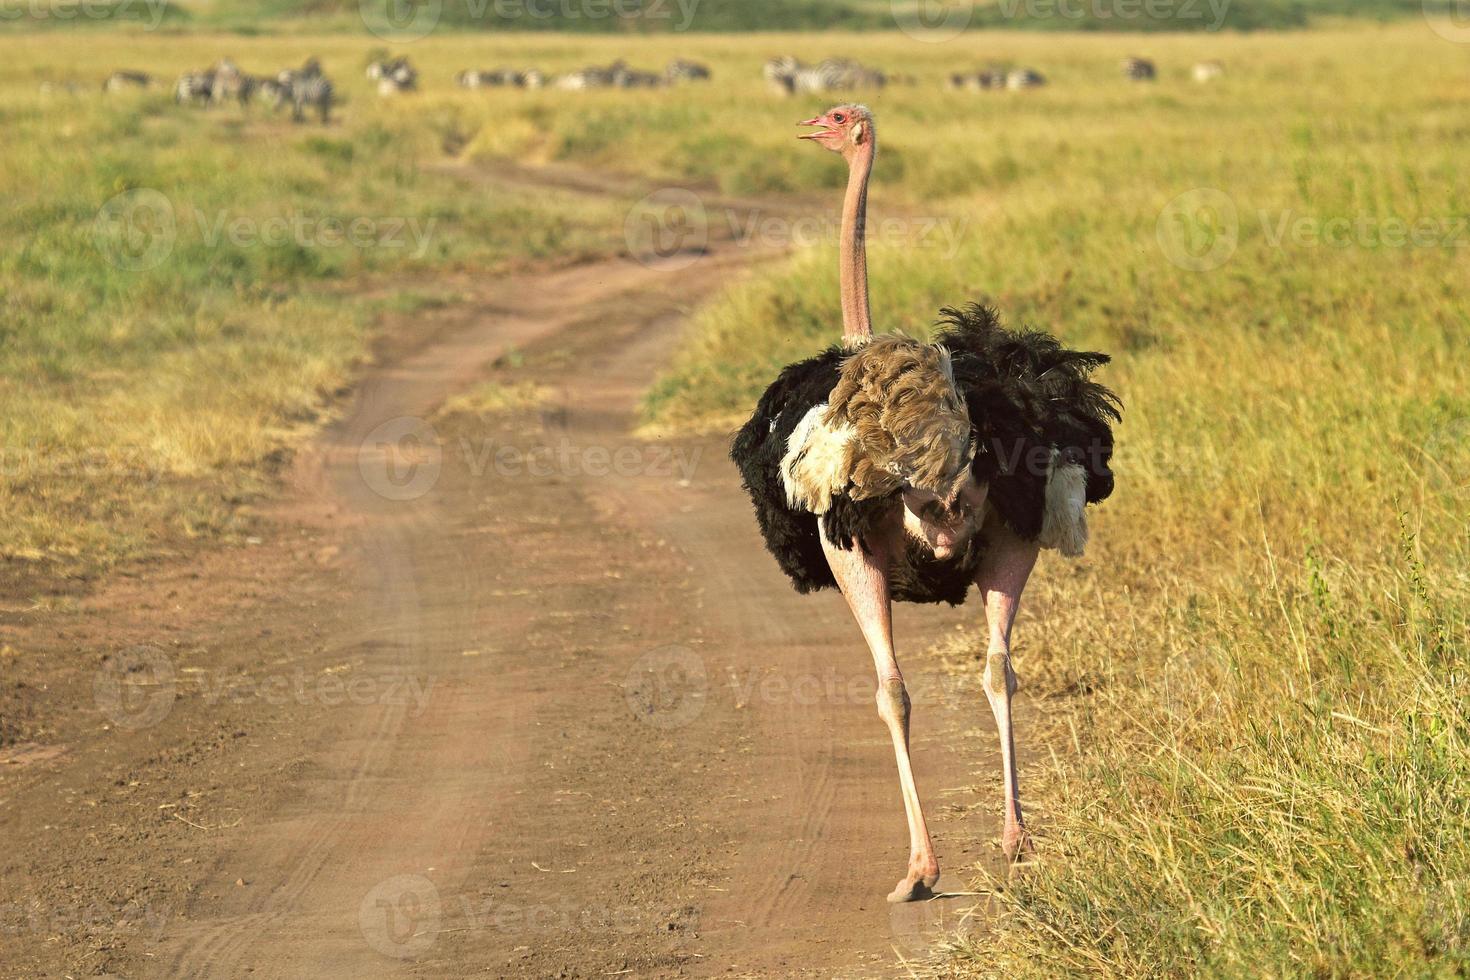 avestruz macho caminando por una calle foto